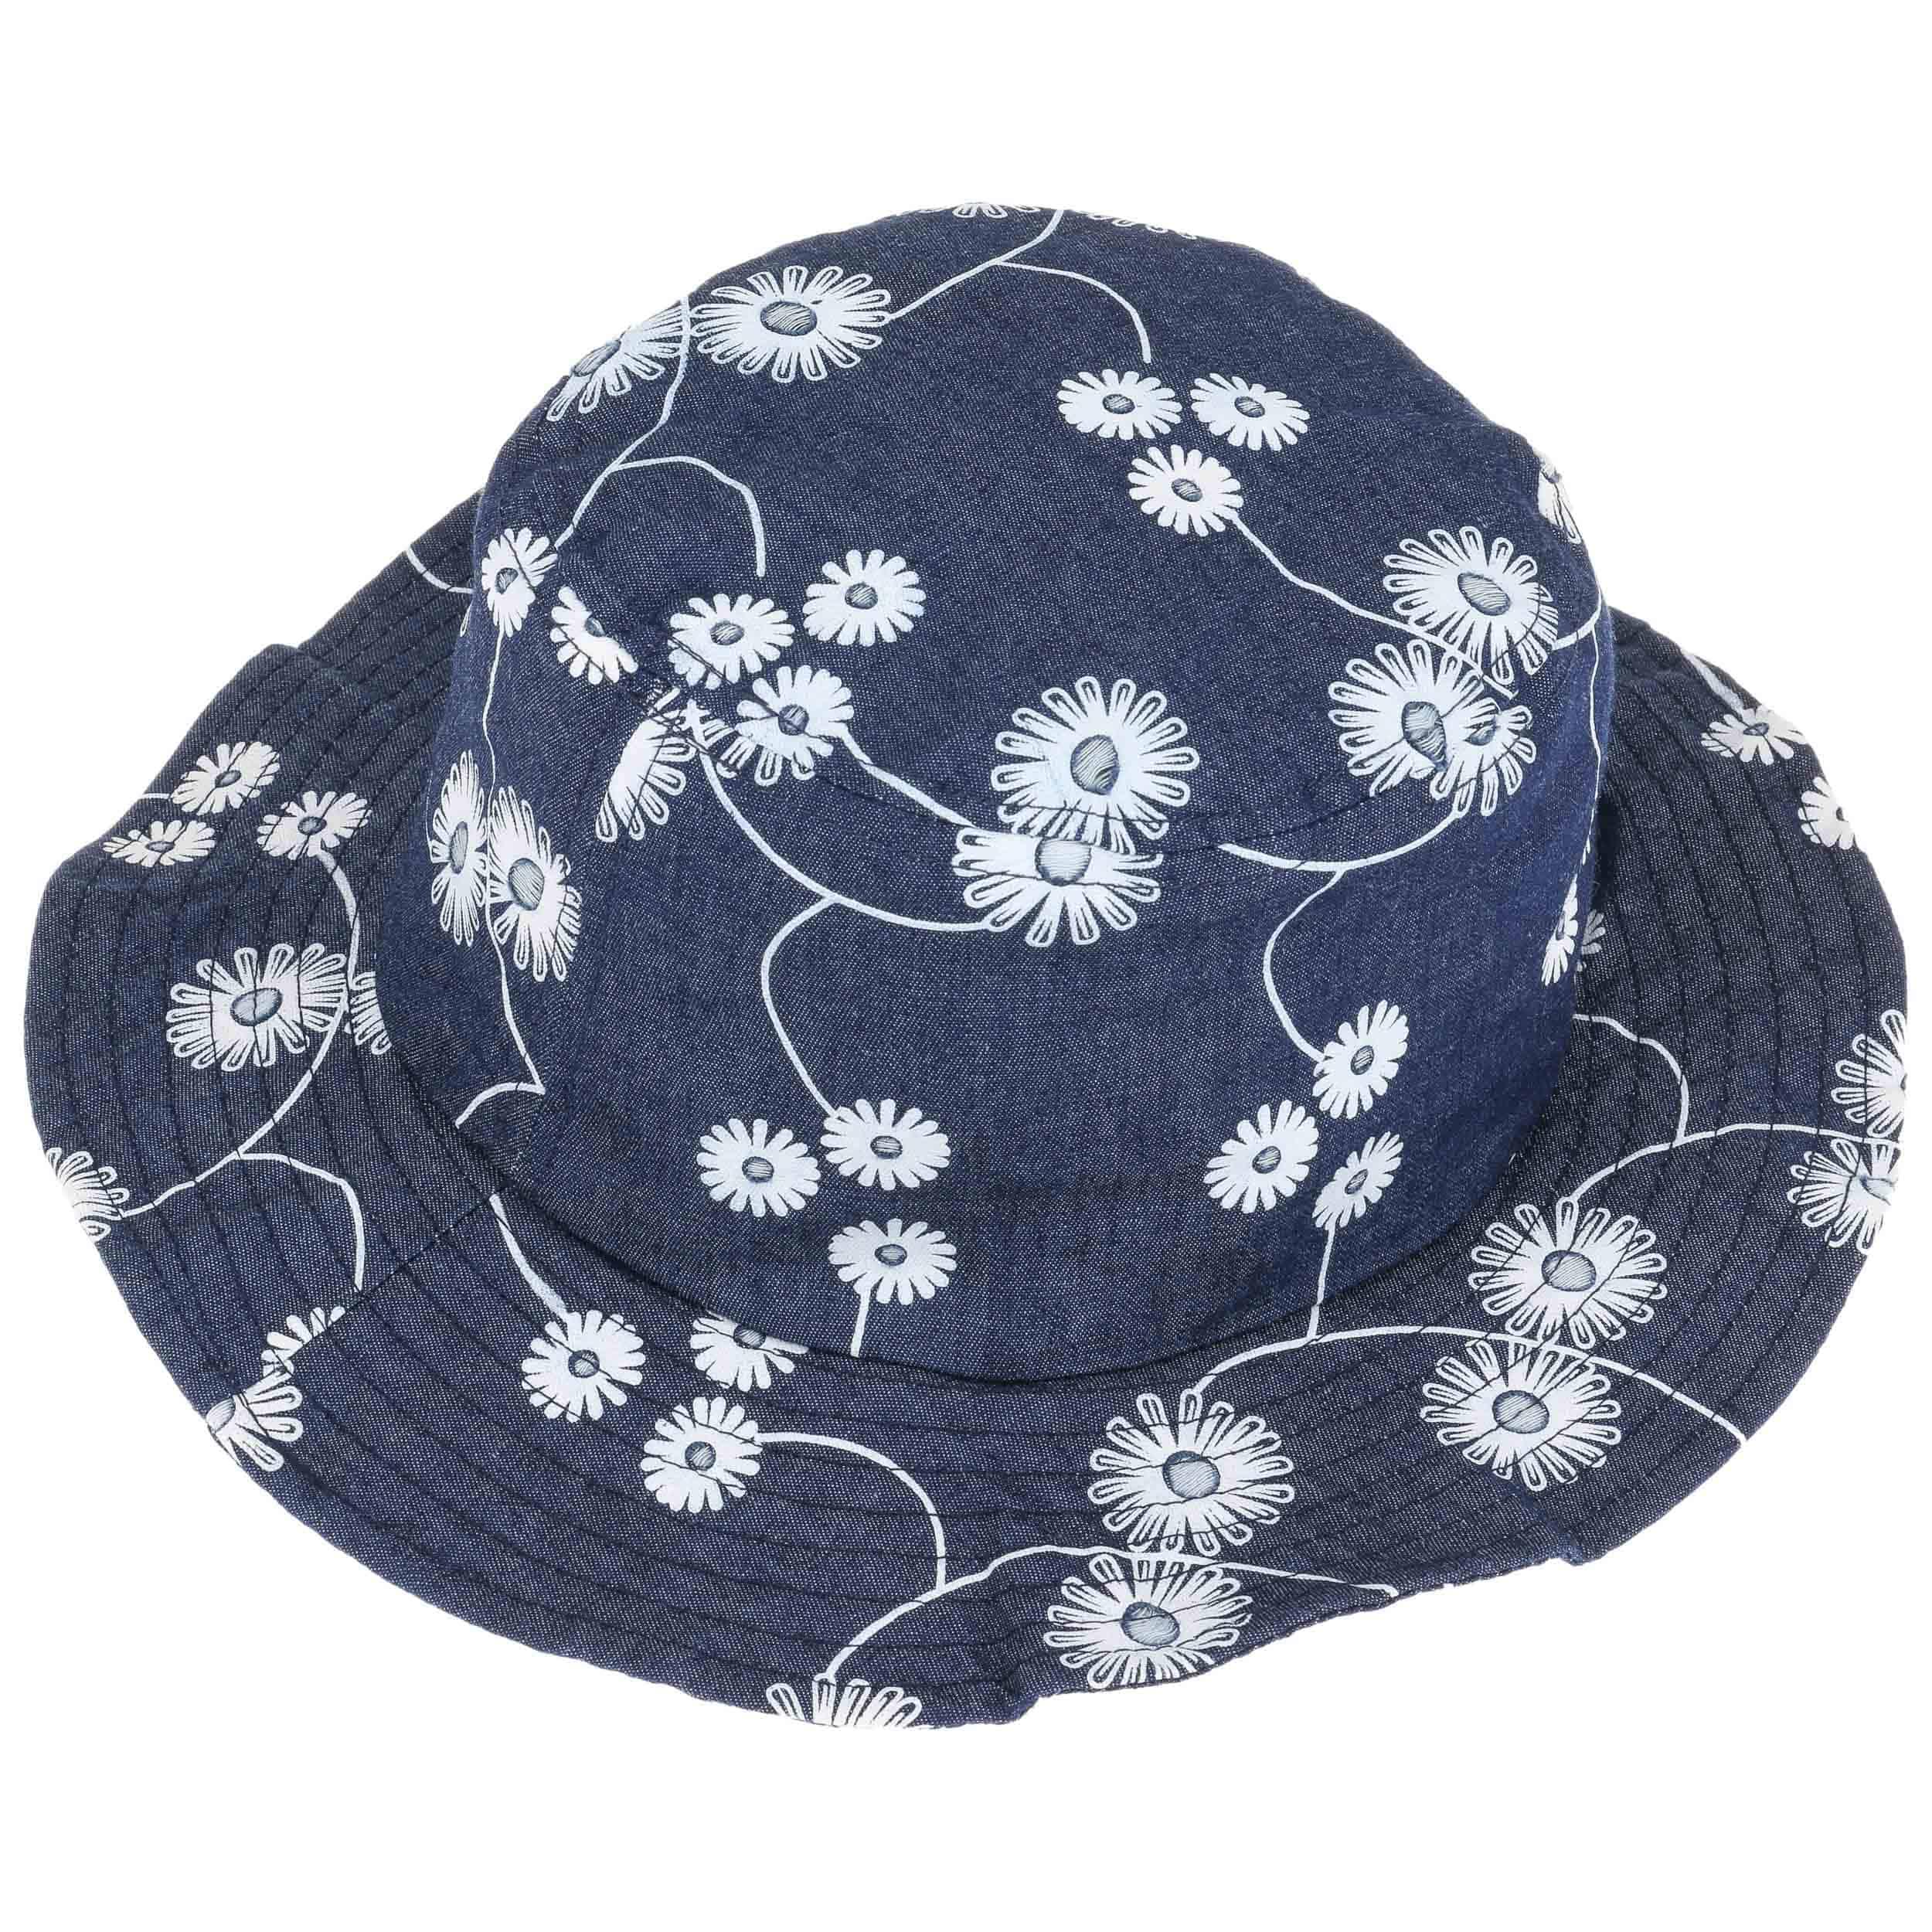 Cappello da Bambina Ladita by maximo - blu scuro 1 ... a5cfa893c7e6